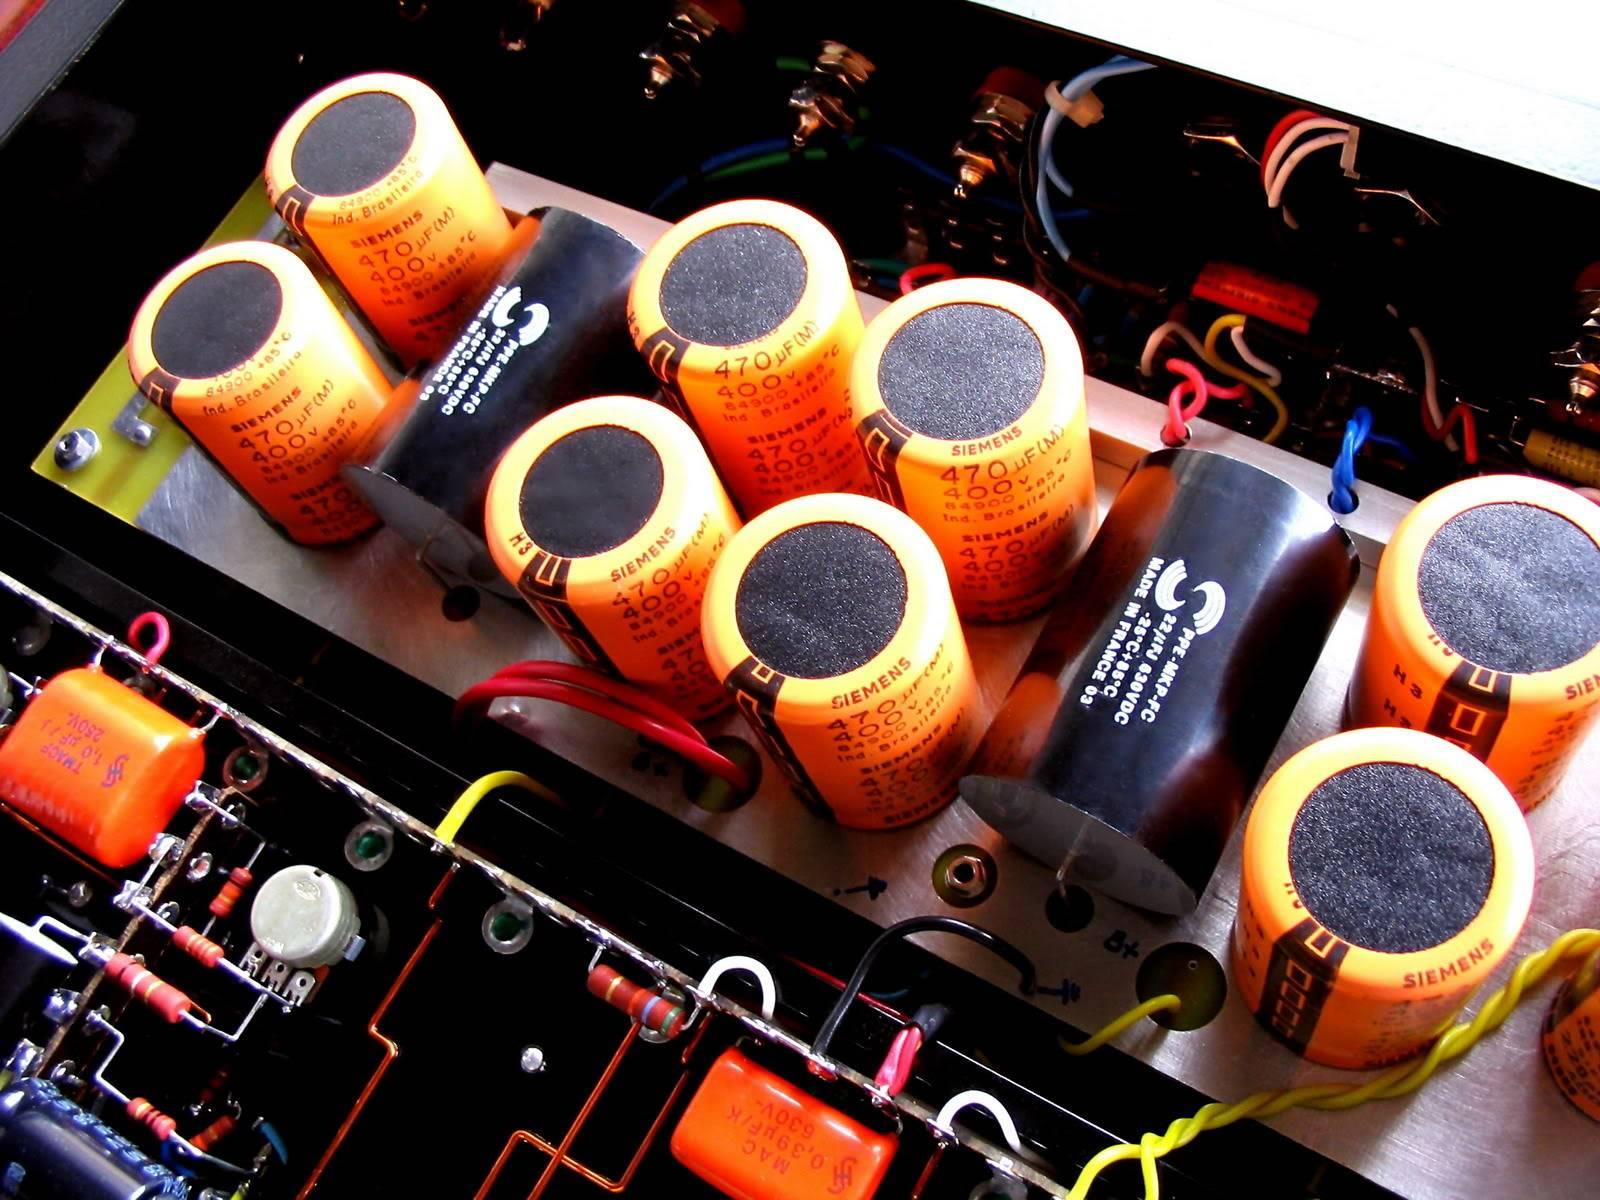 Amps a válvulas chineses: opiniões? - Página 3 VTR_RW_2x60_b